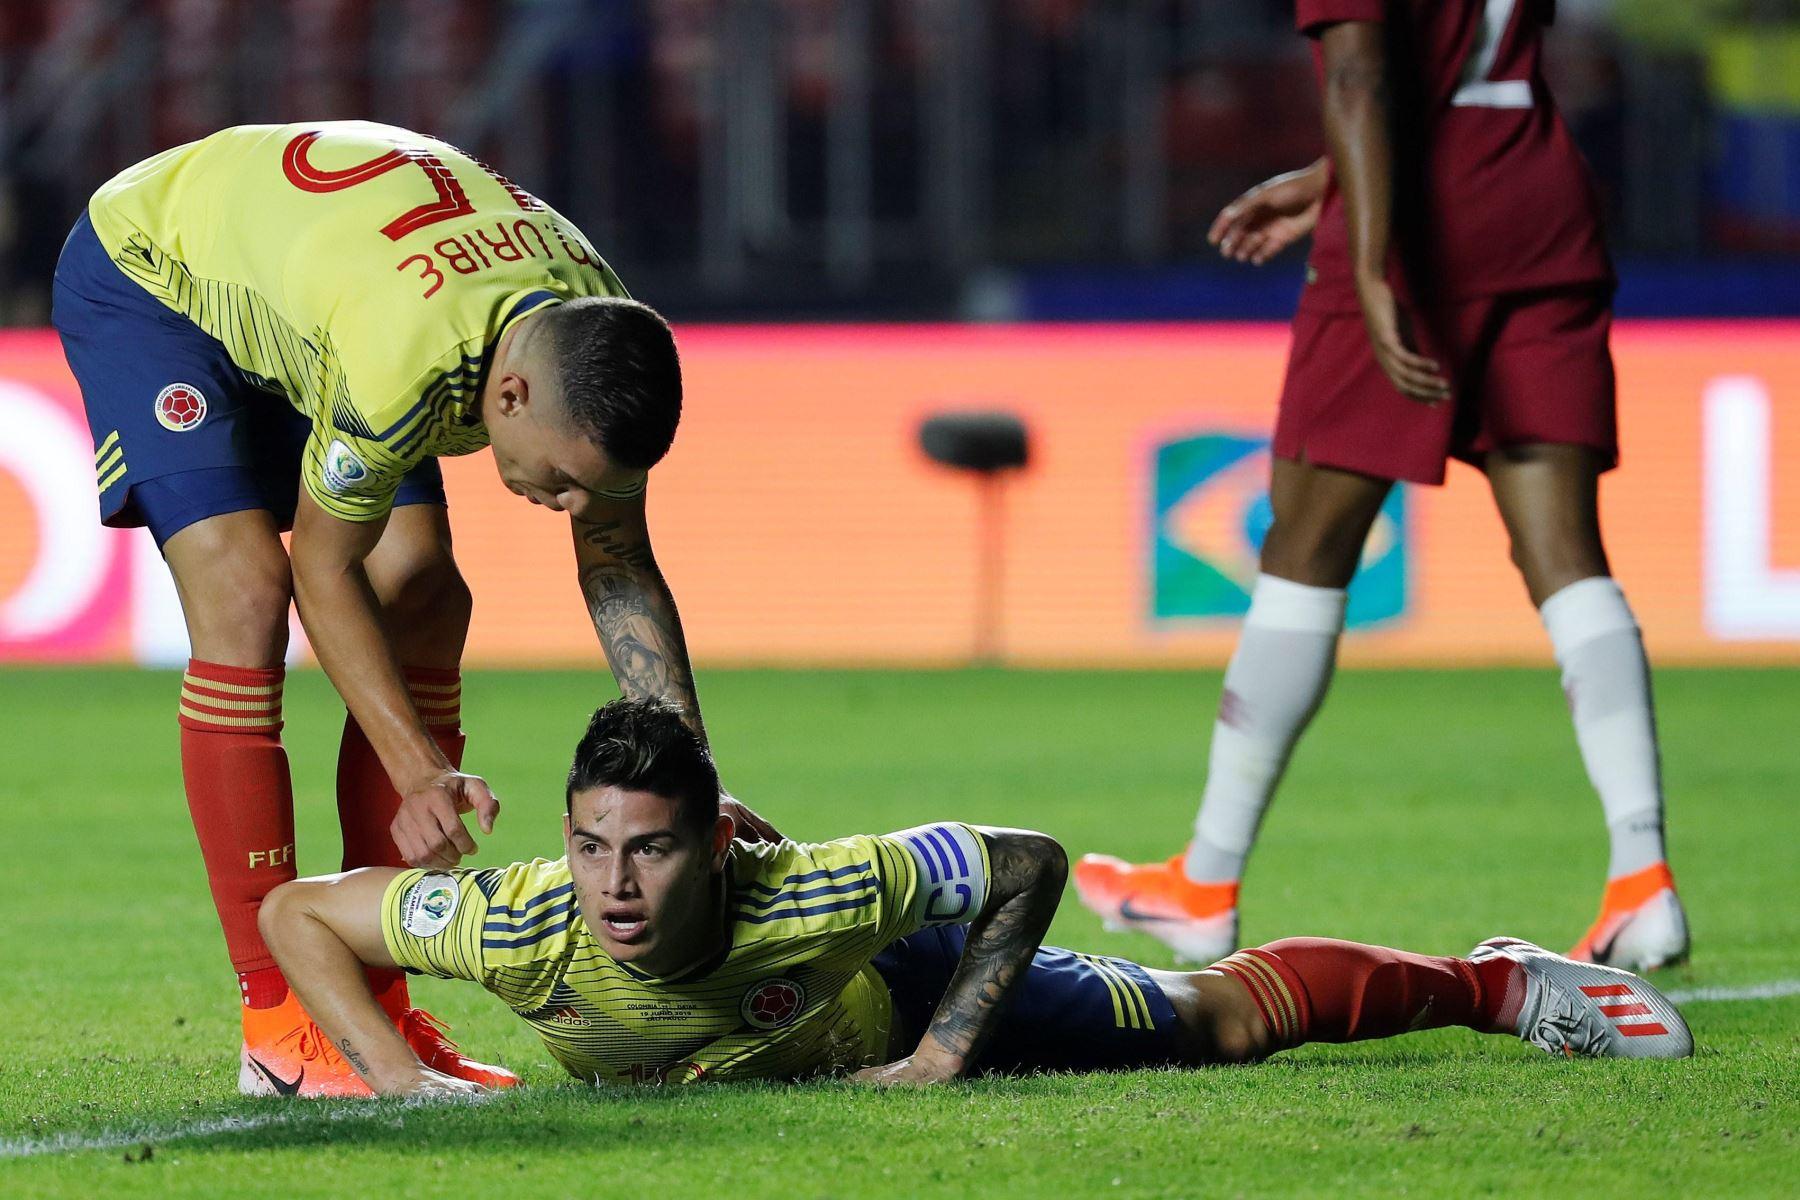 El jugador de Colombia James Rodríguez (abajo) cae durante el partido Colombia-Catar del Grupo B de la Copa América de Fútbol 2019. Foto: FP